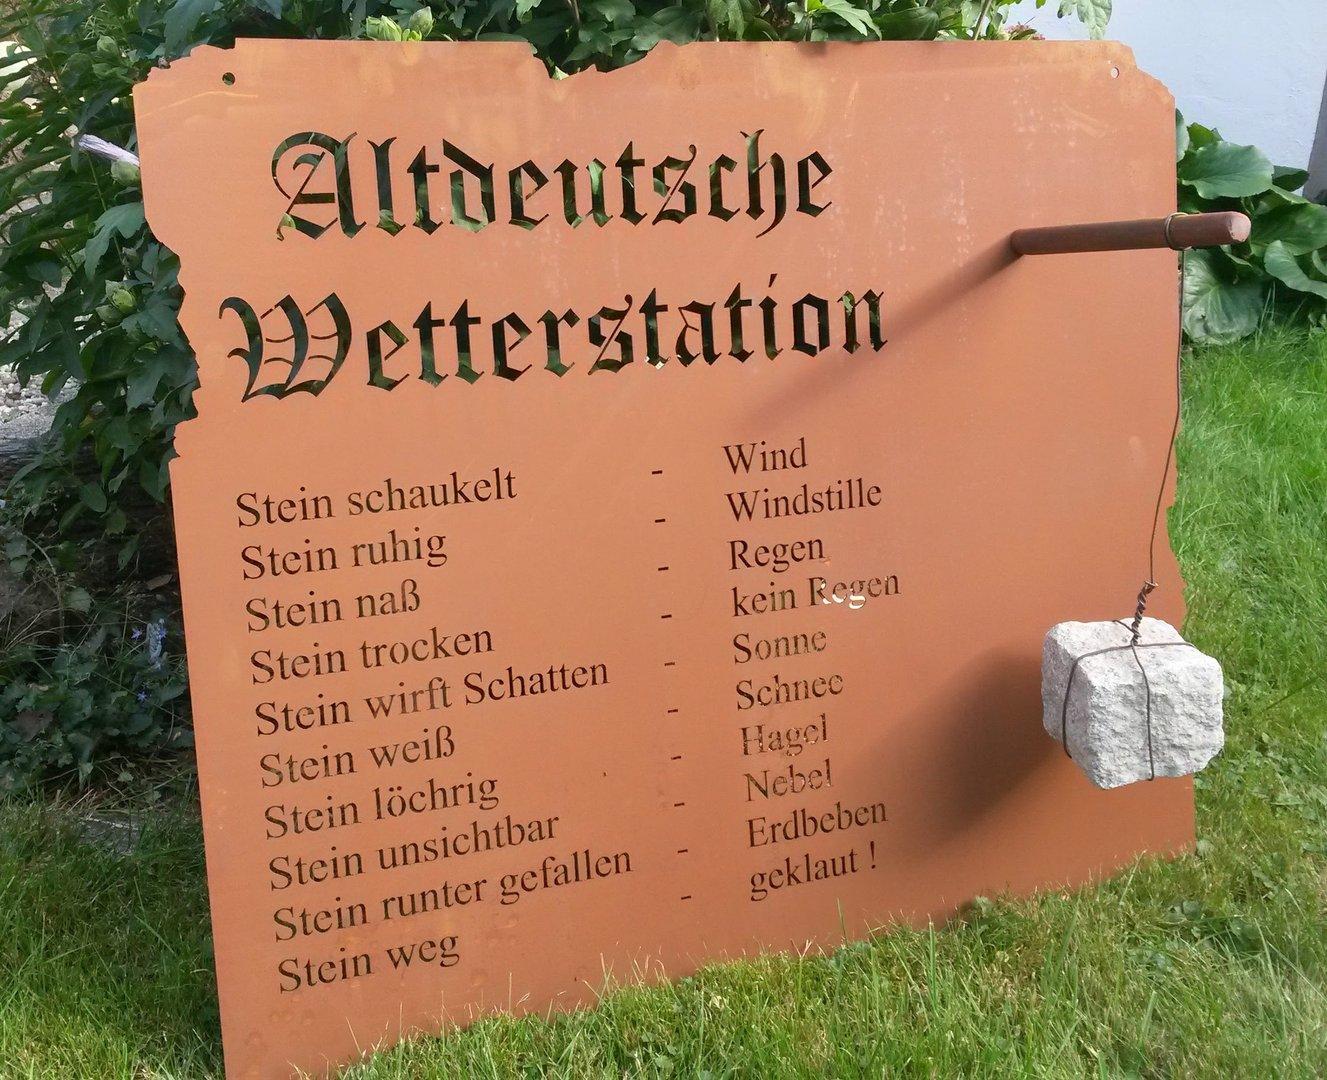 Wetterstation garten schild metall rost deko edelrost for Rost deko garten deutschland